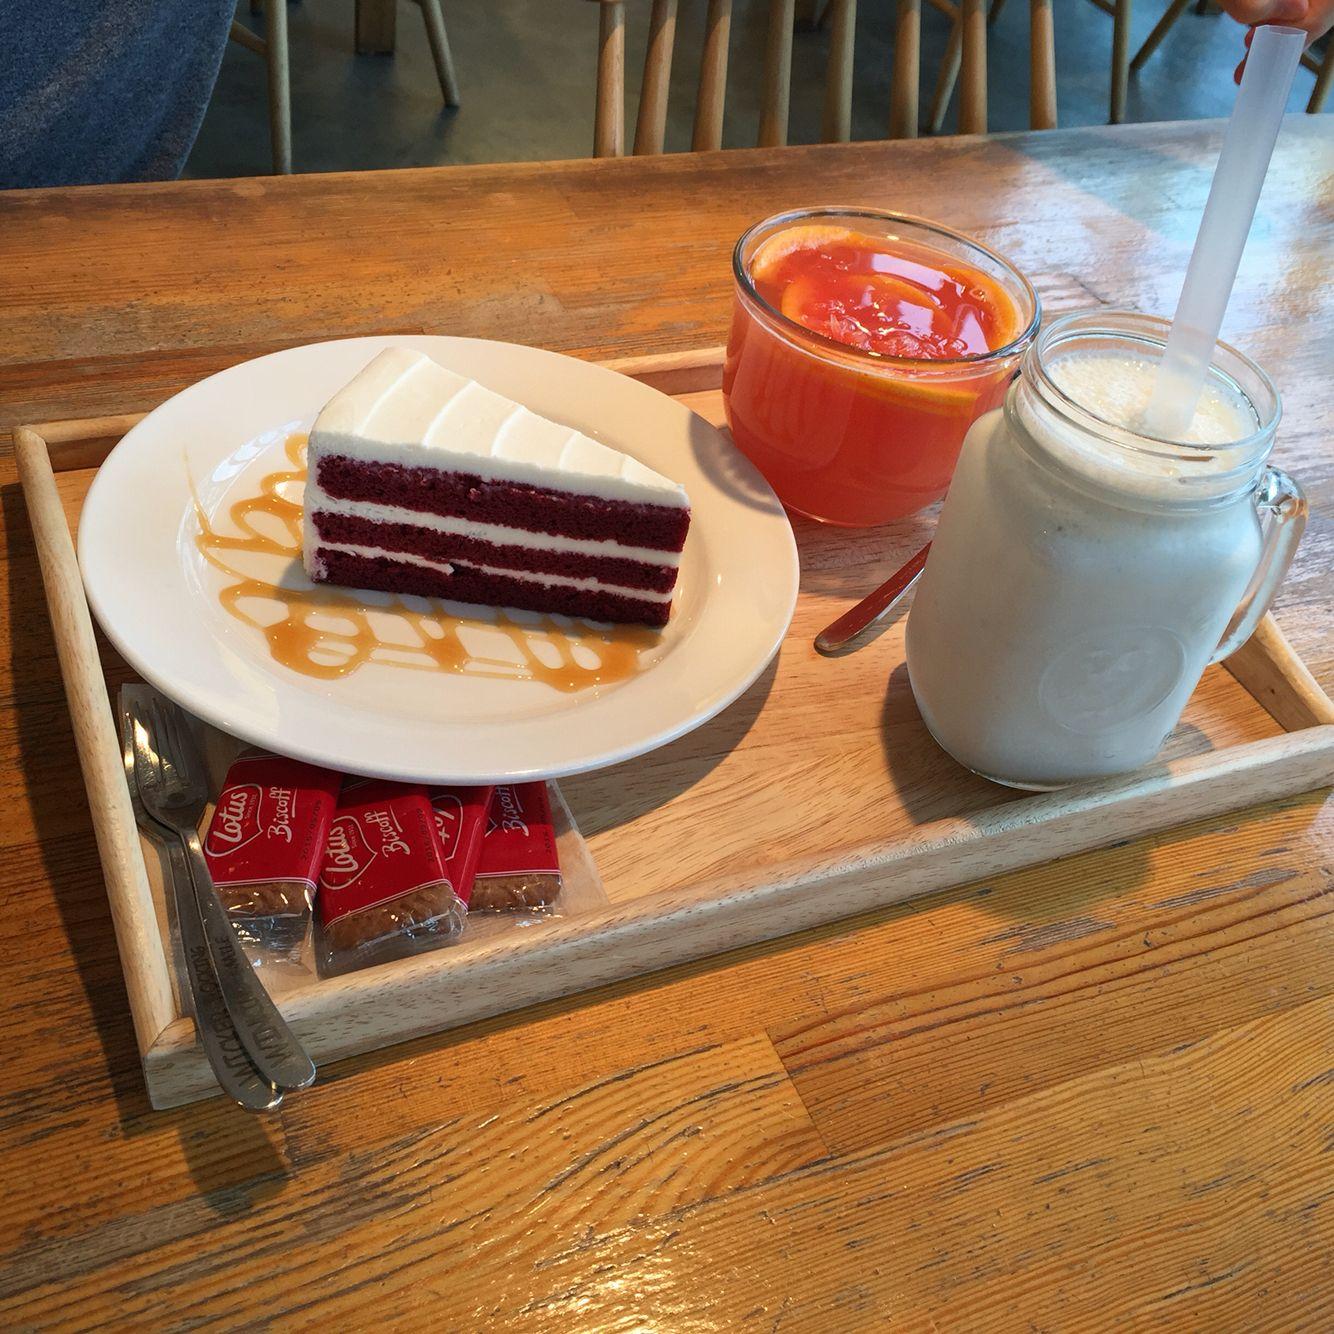 내가 좋아하는 카페동네 마망갸또 레드벨벳케익